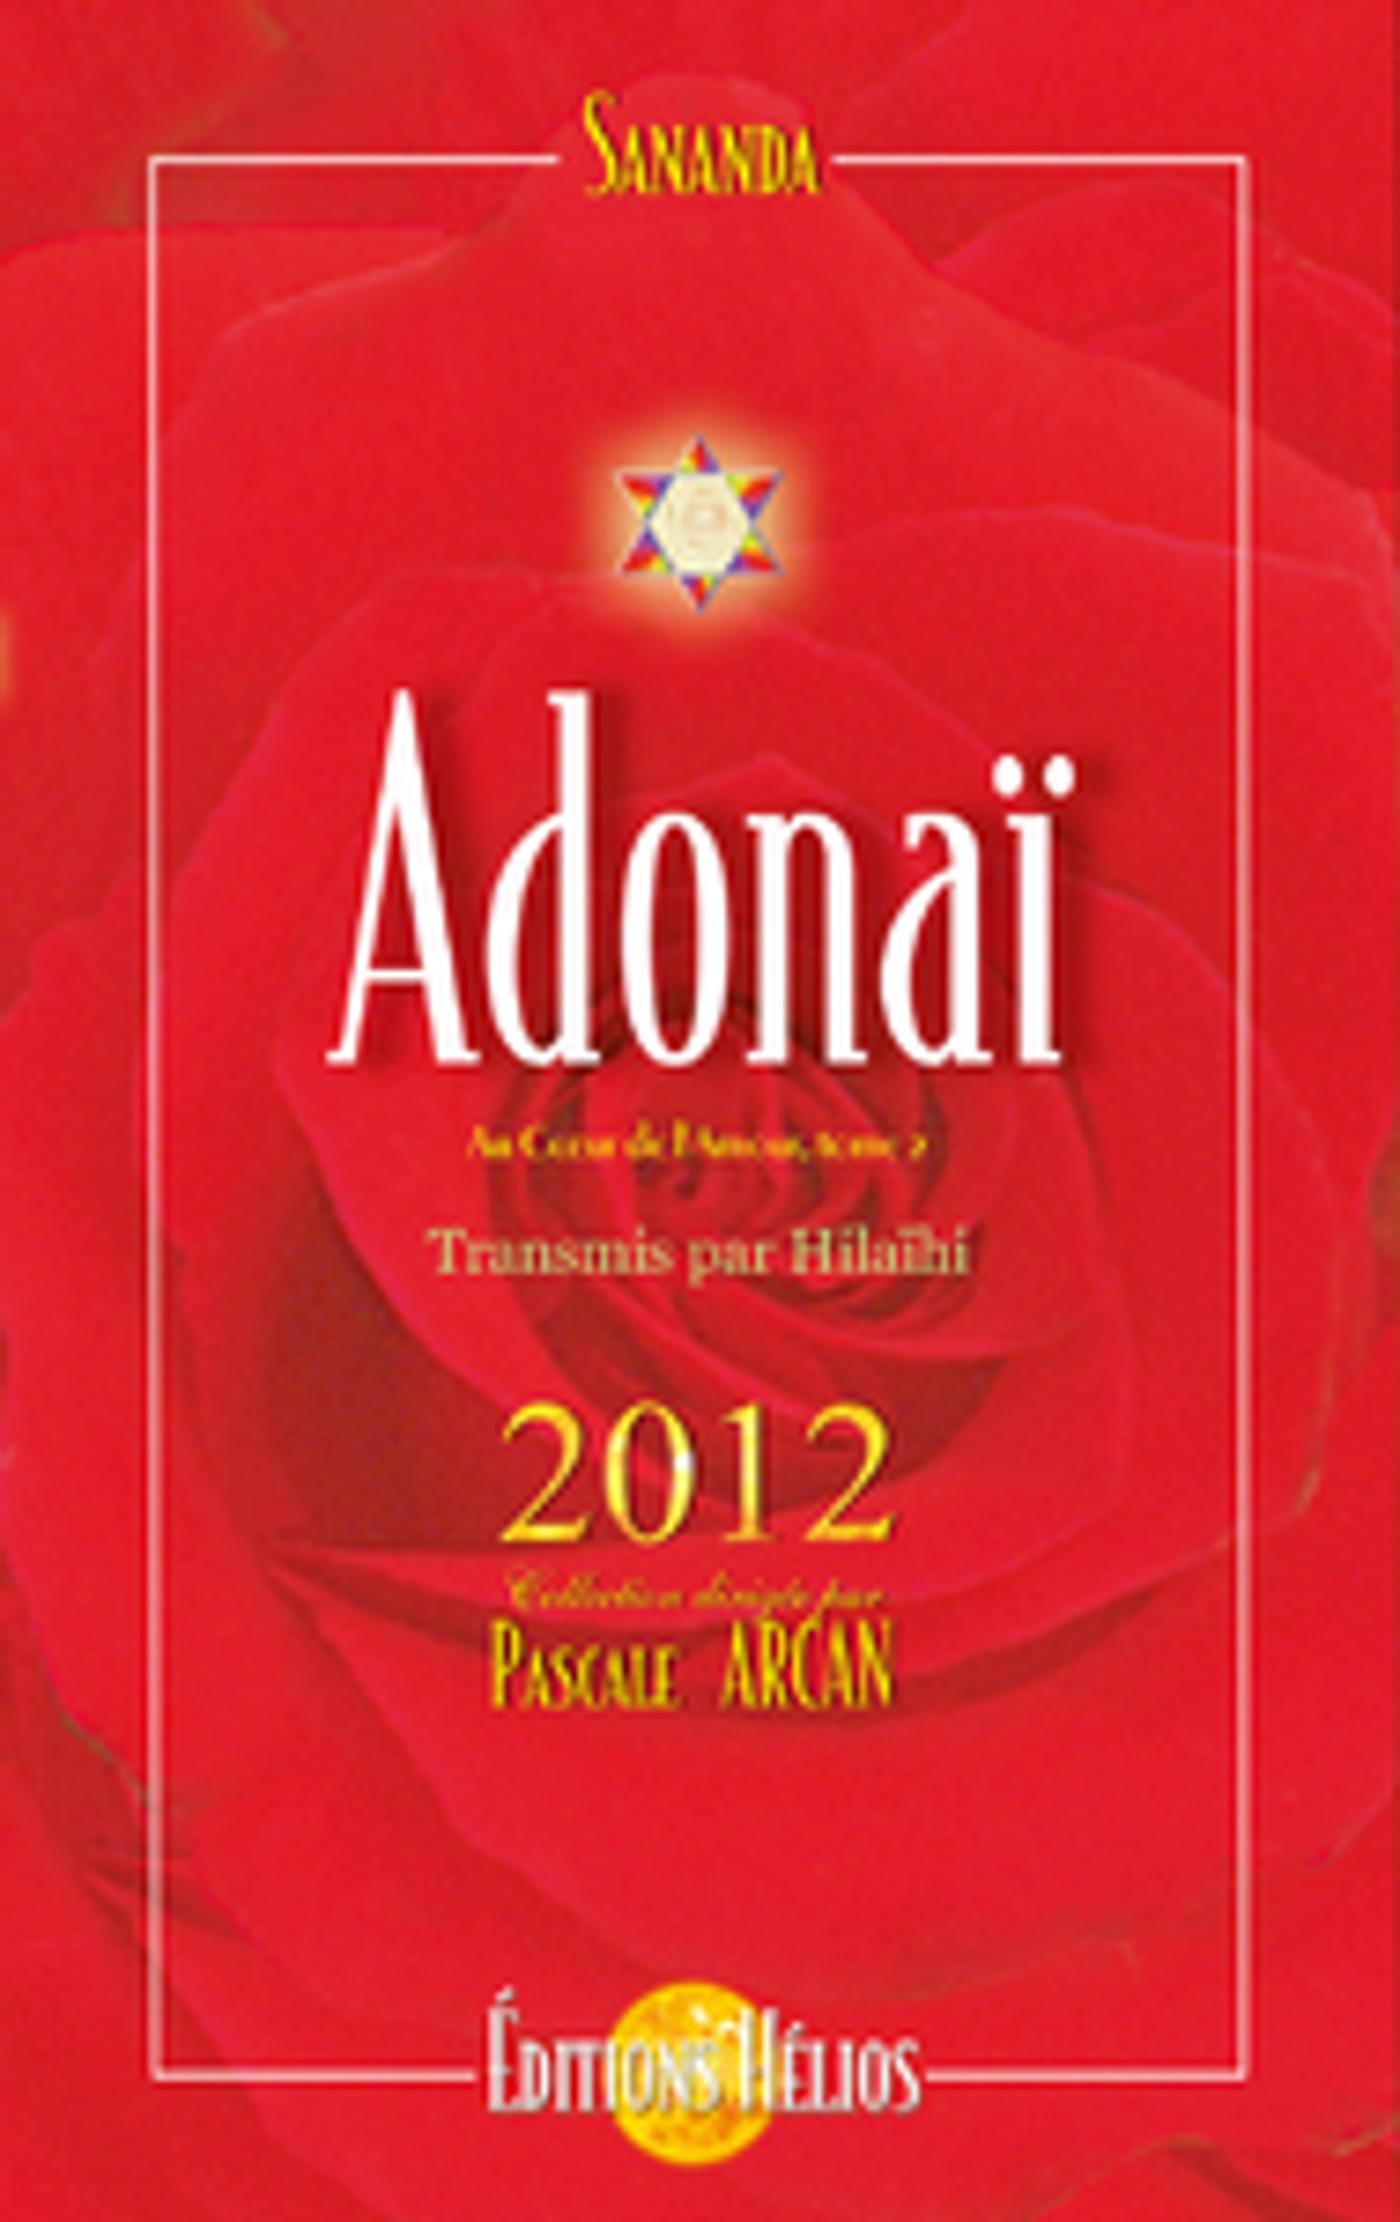 Adonai au coeur de l'amour tome 2